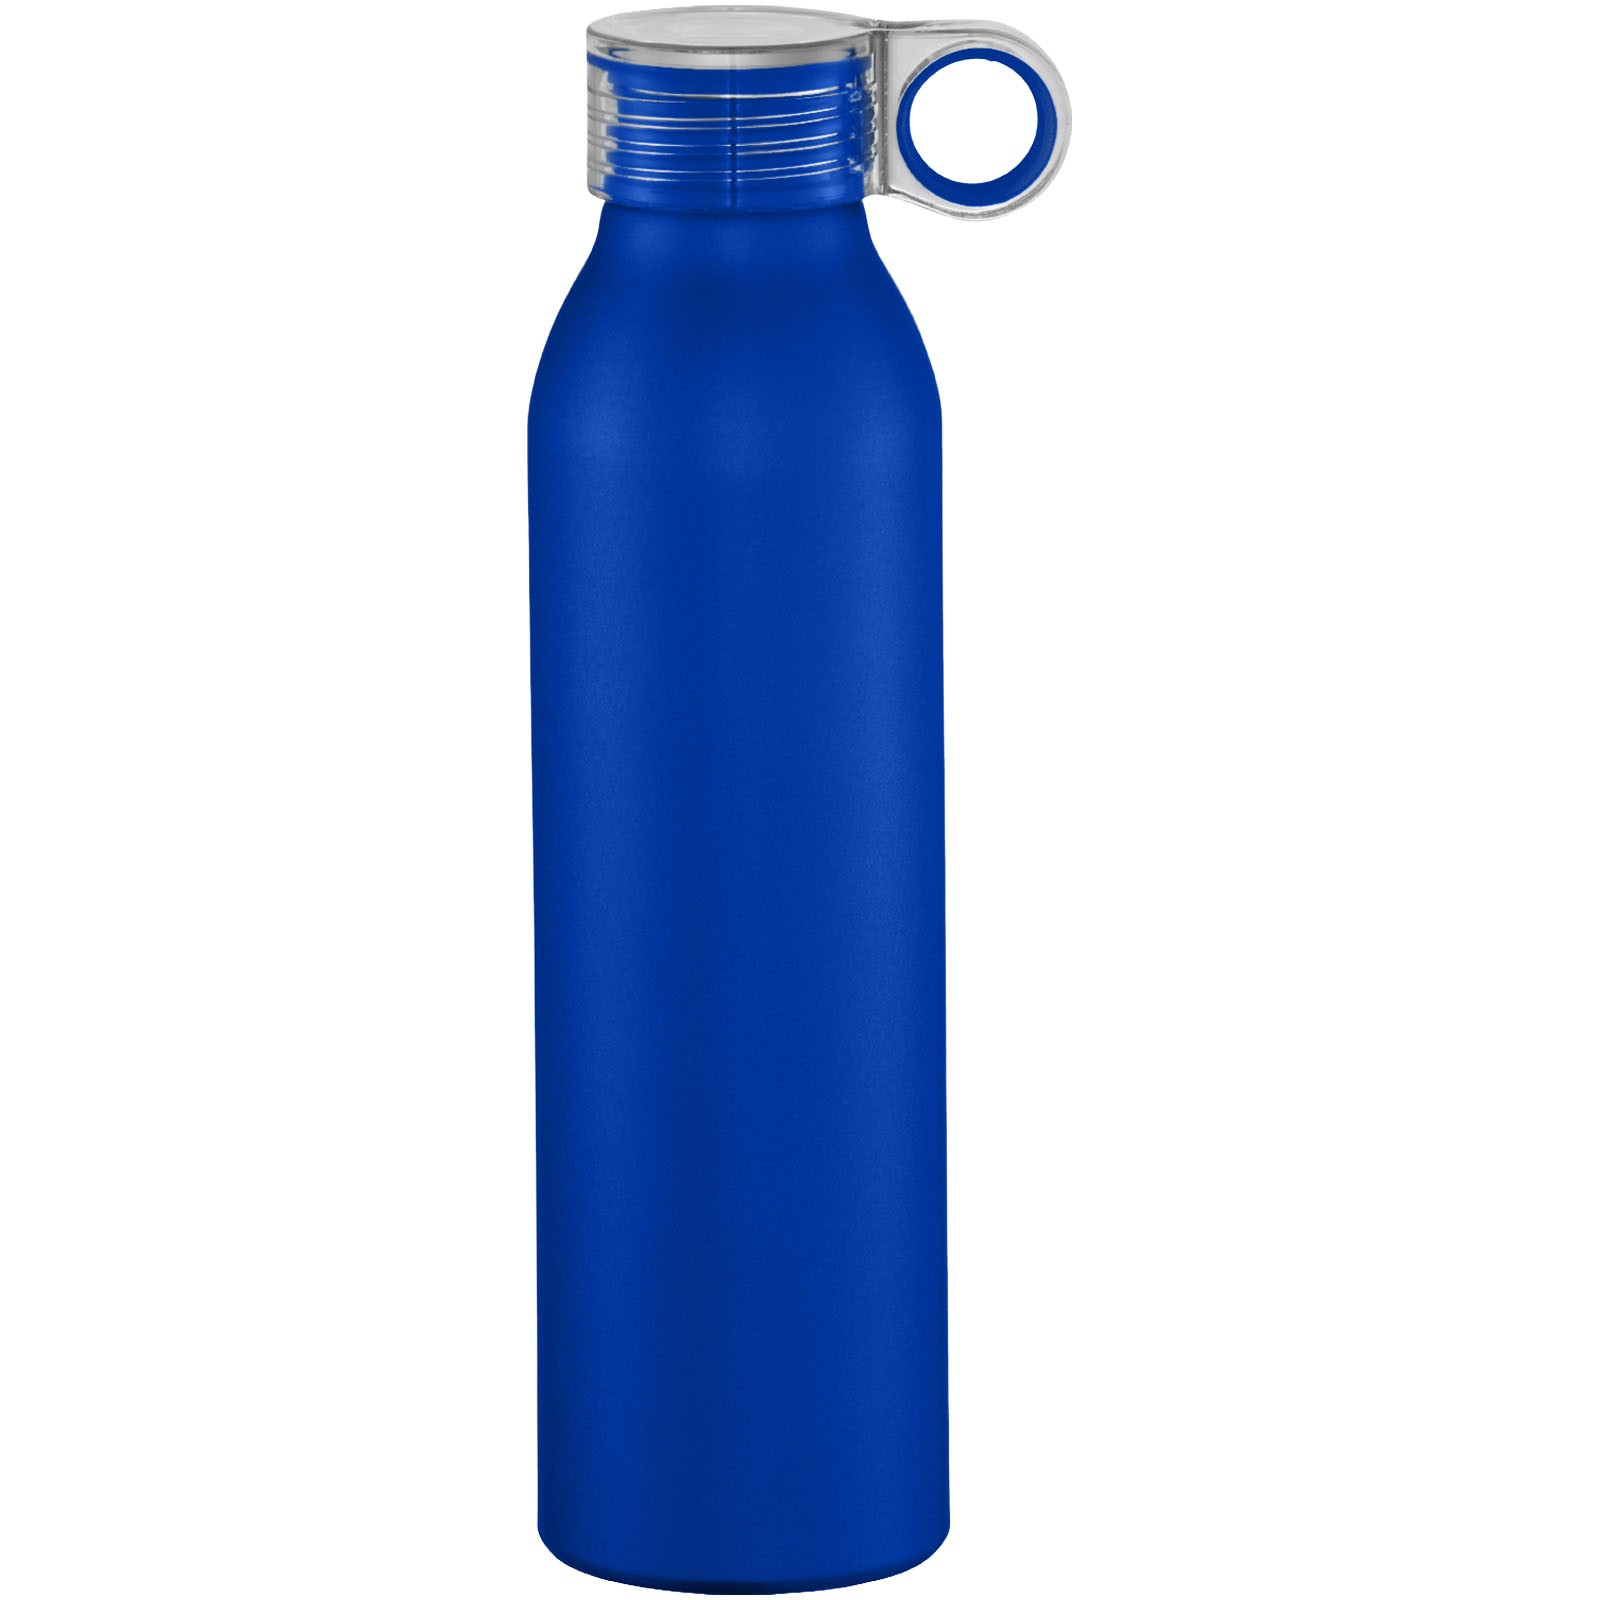 Hliníková sportovní láhev Grom - Světle modrá